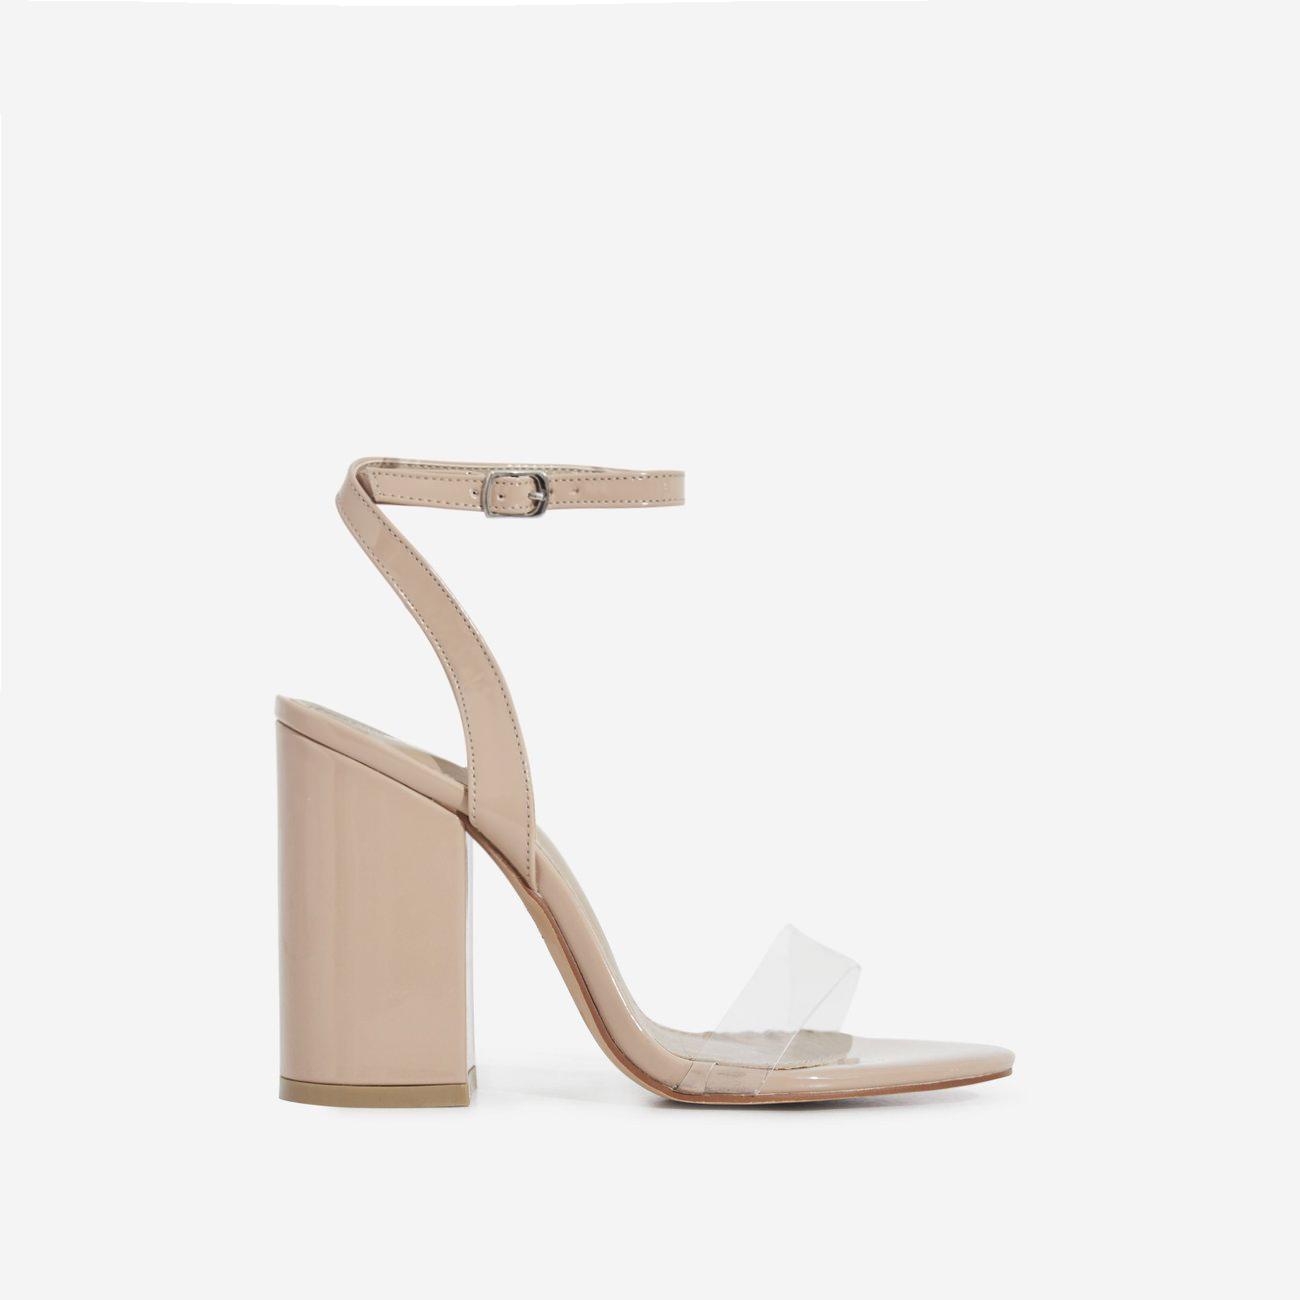 Nikita Perspex Block Heel In Nude Patent